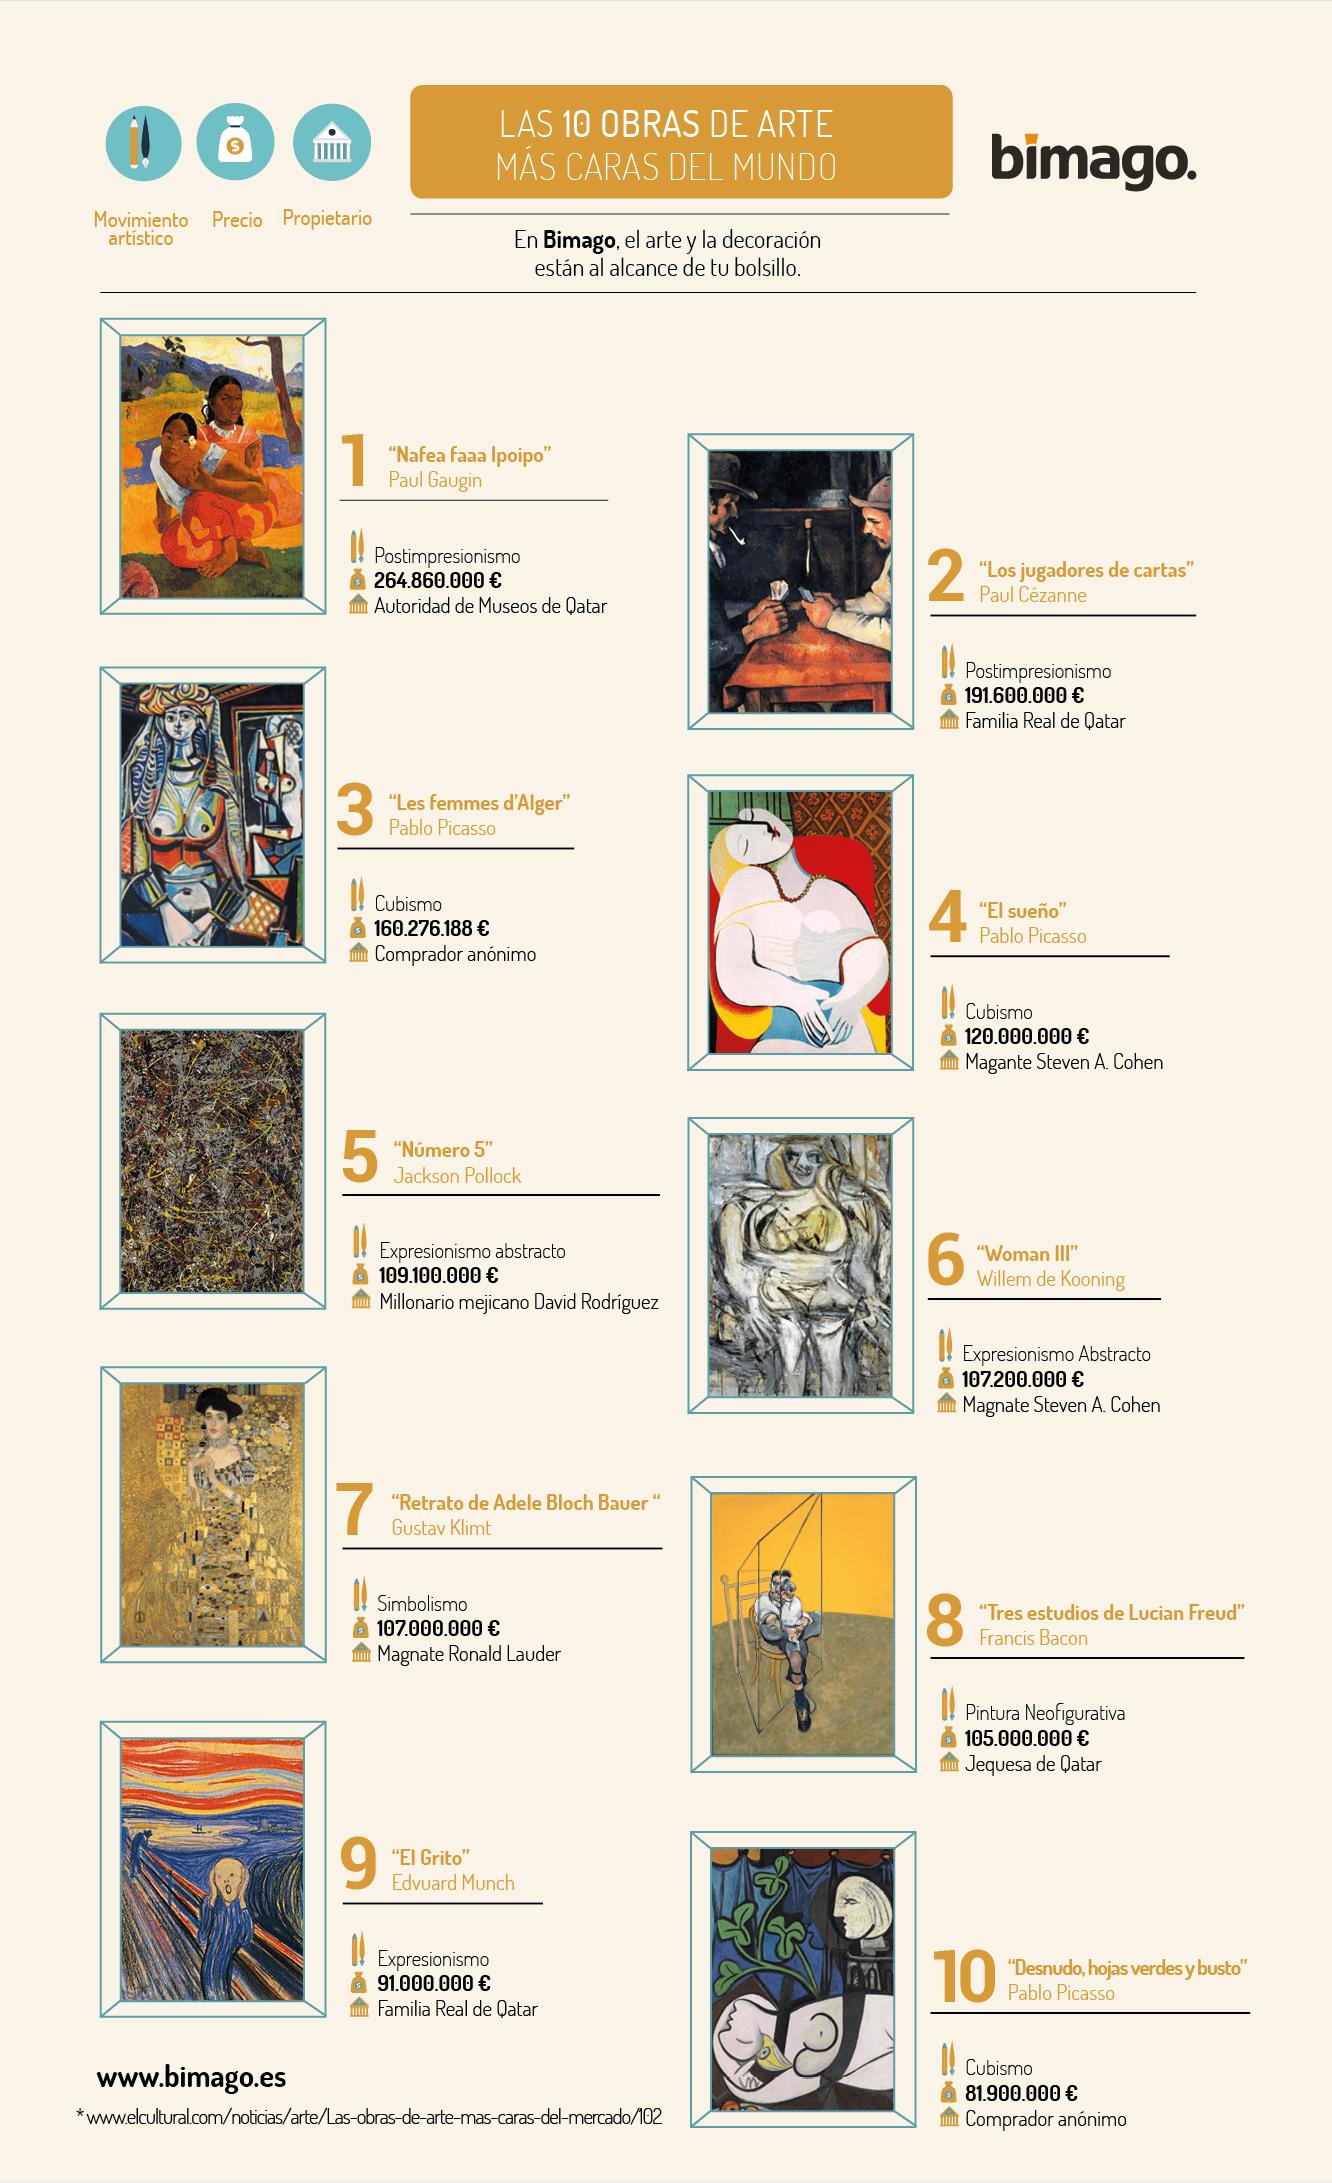 las obras de arte mas caras del mundo